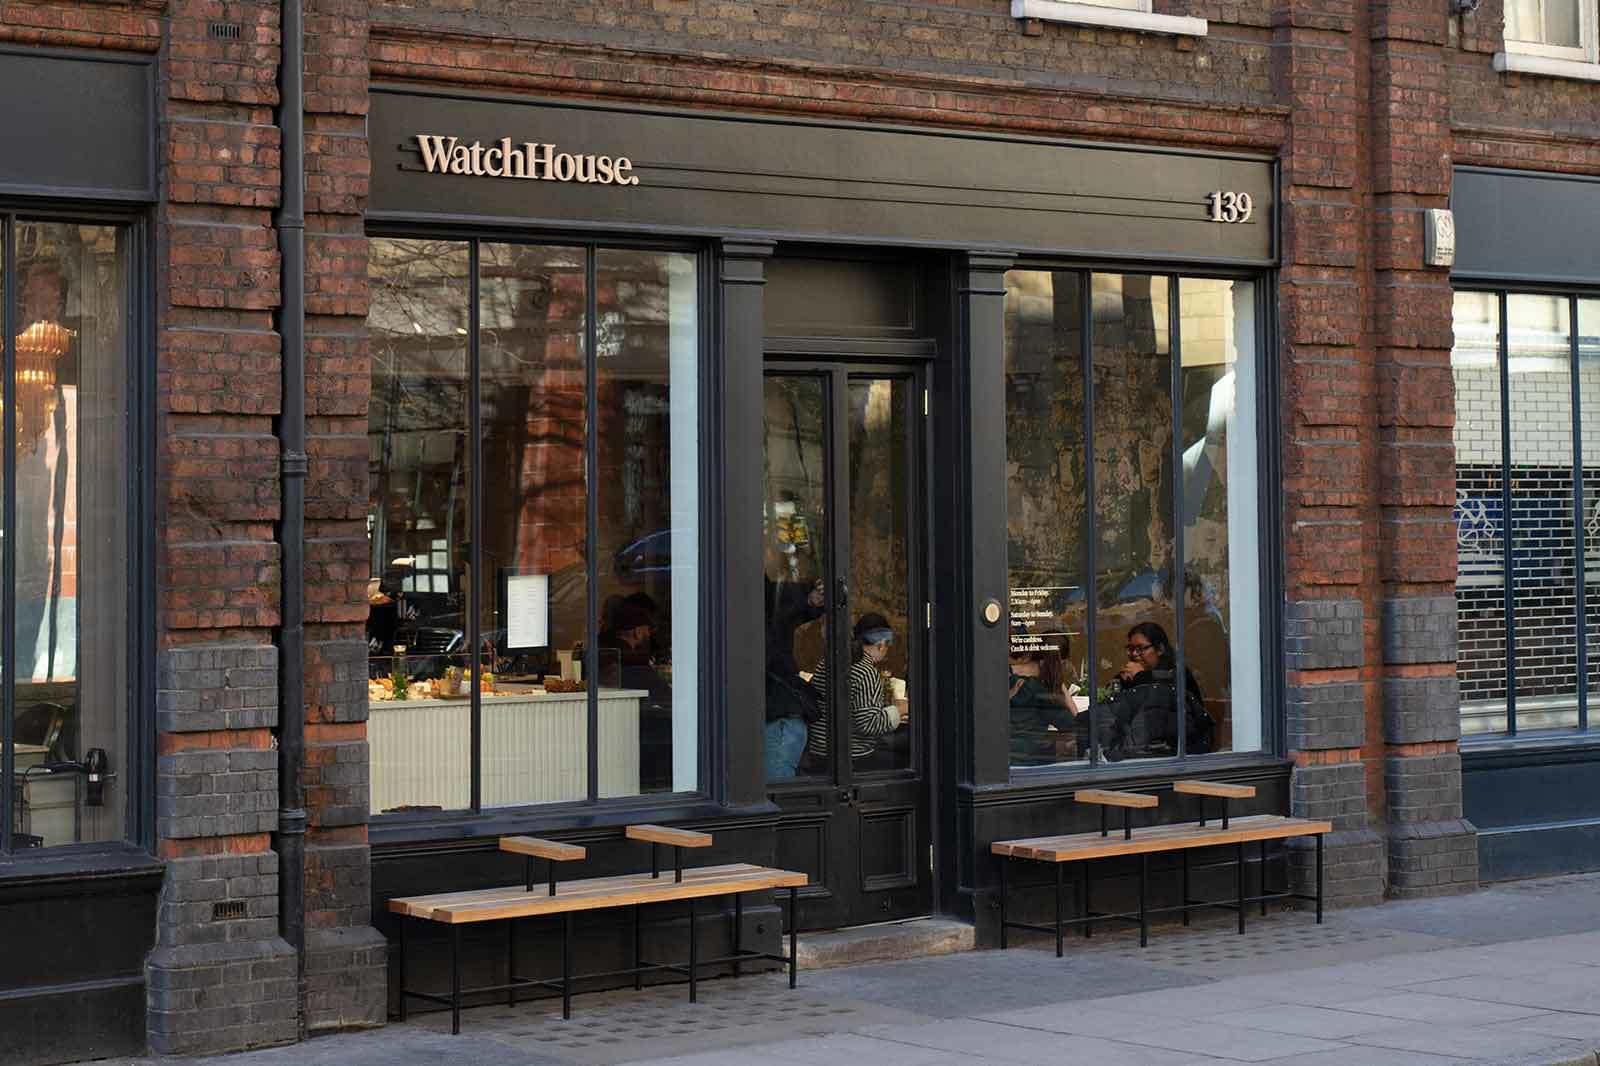 Watch house Spitalfields location